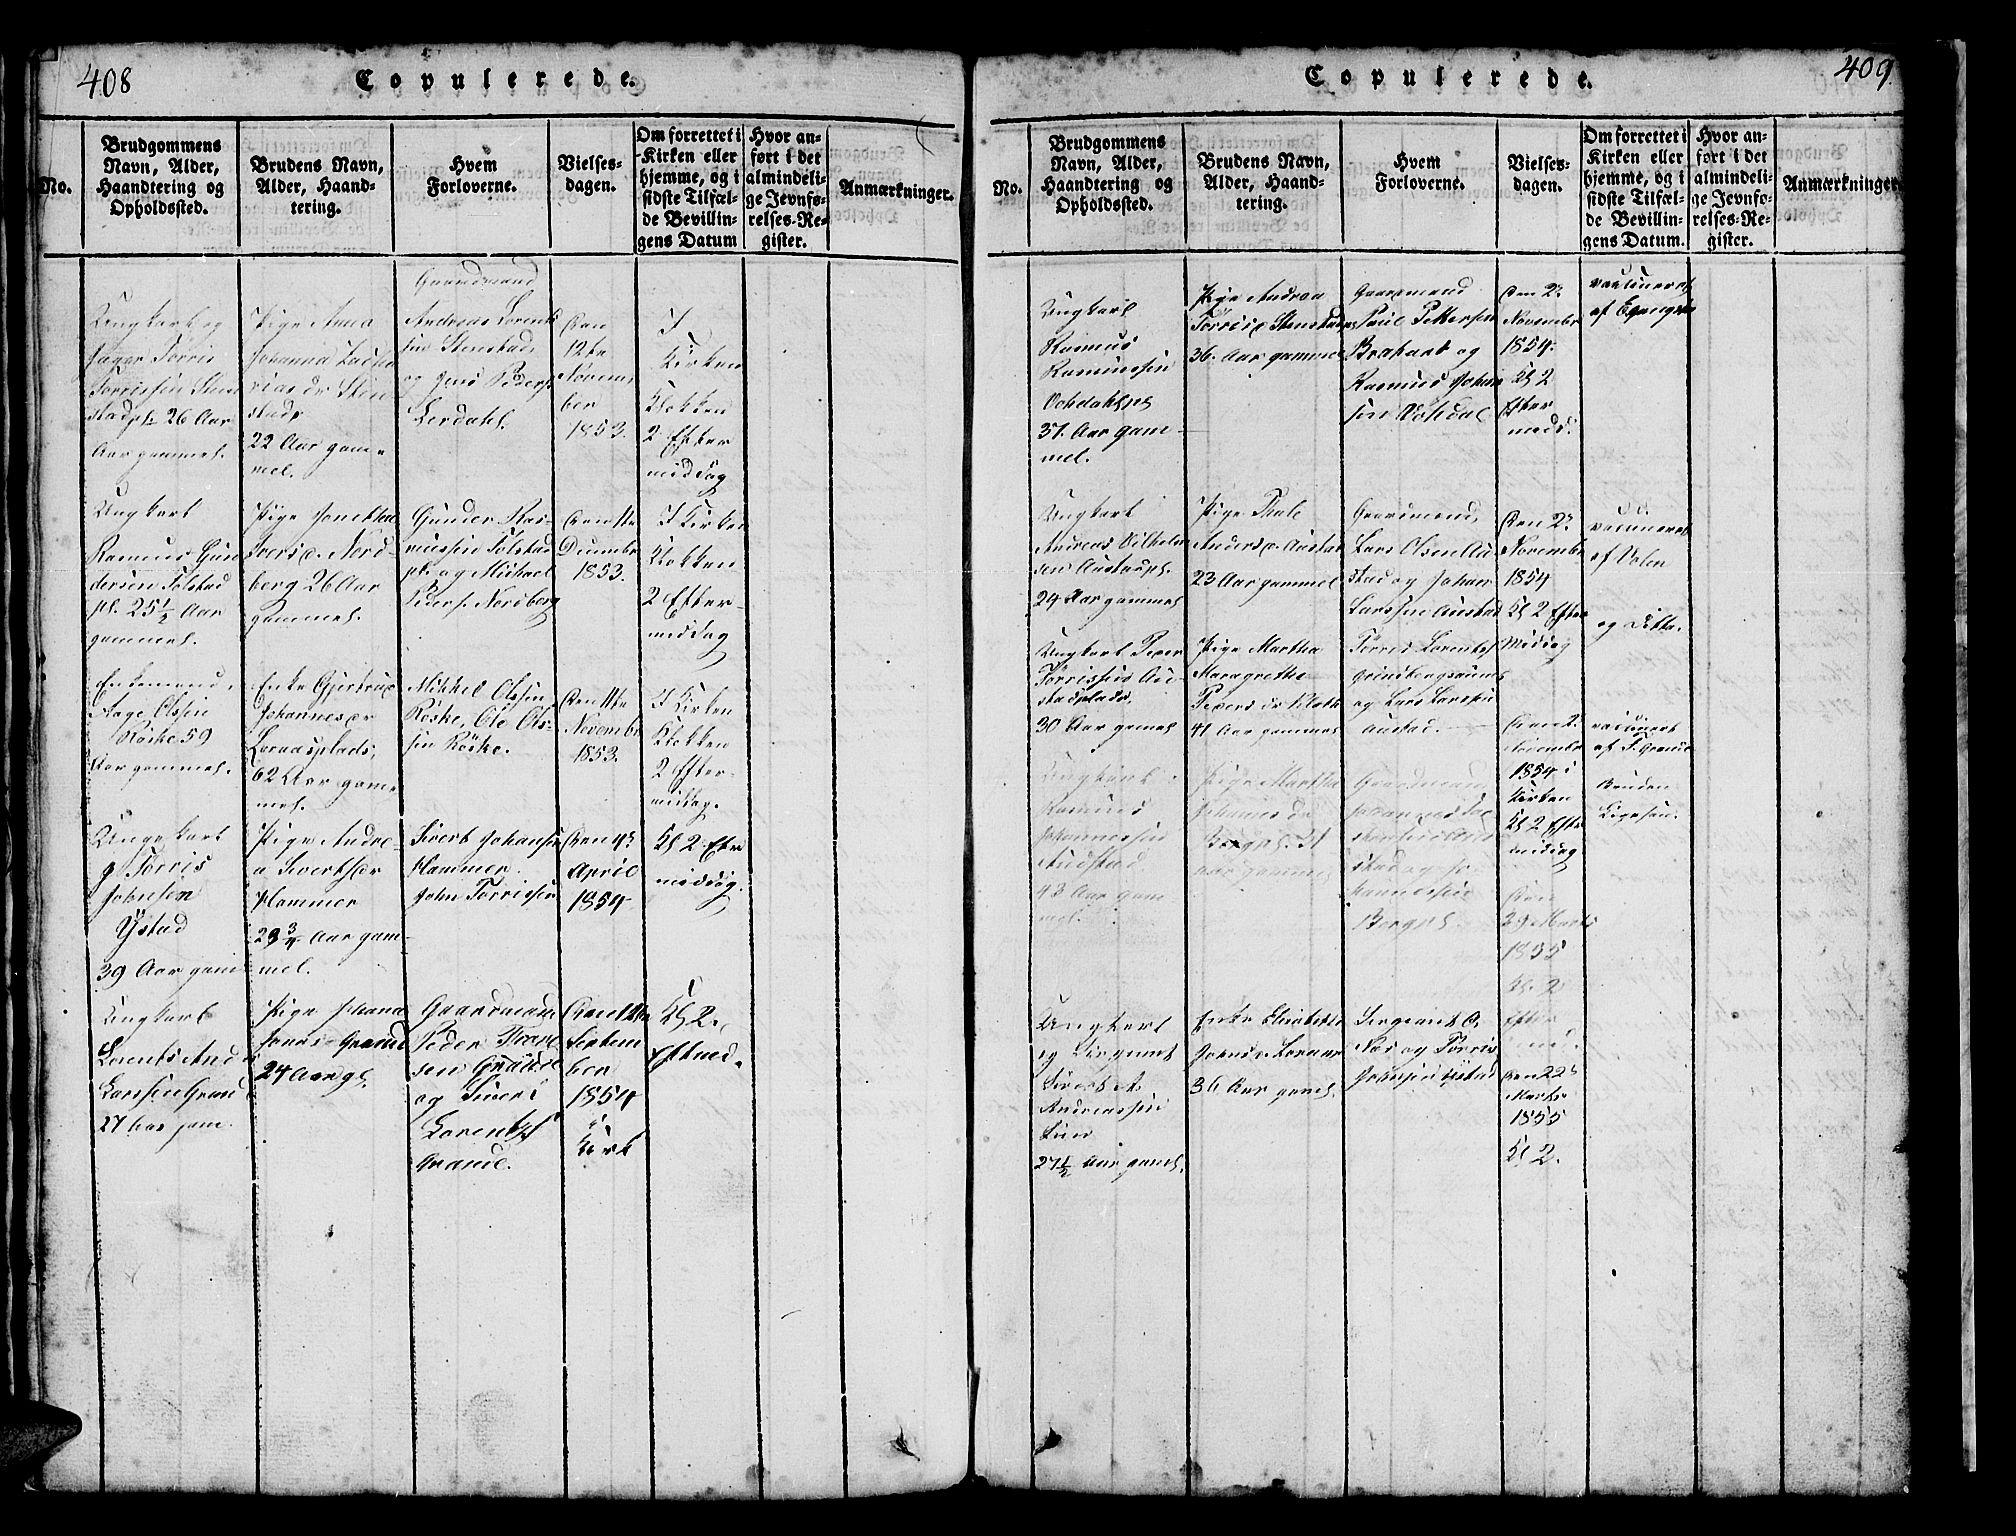 SAT, Ministerialprotokoller, klokkerbøker og fødselsregistre - Nord-Trøndelag, 731/L0310: Klokkerbok nr. 731C01, 1816-1874, s. 408-409